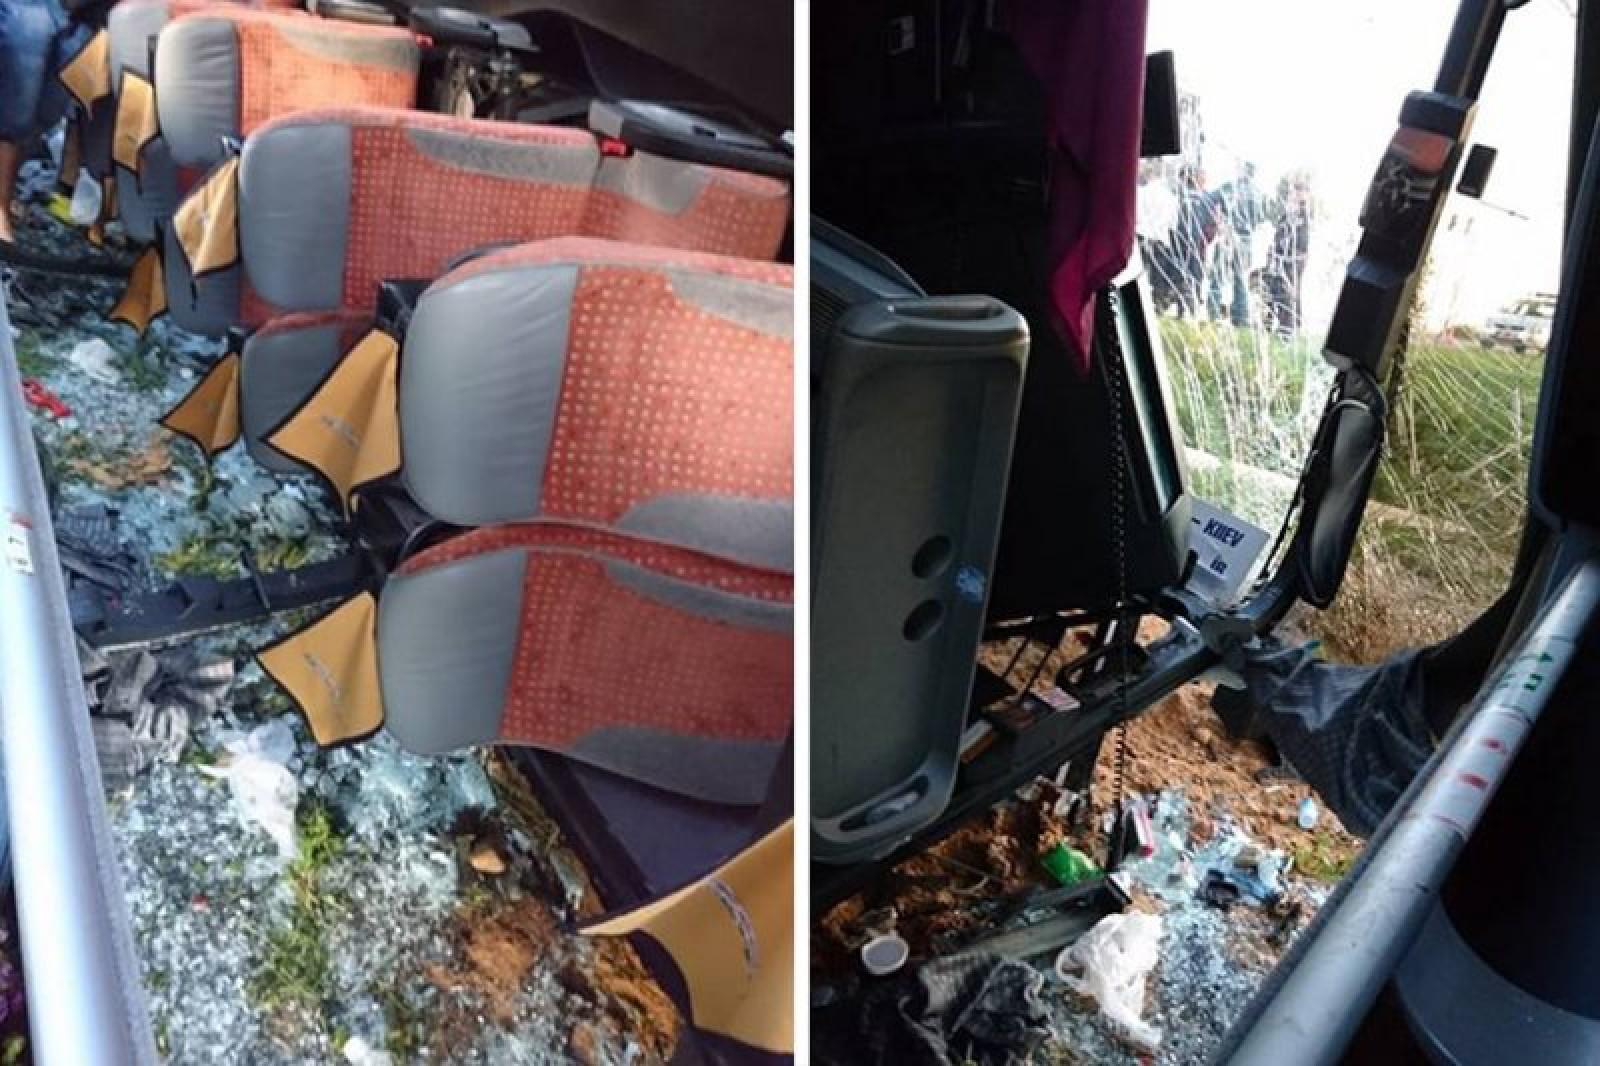 (foto) Un moldovean a fost rănit în urma unui accident, produs pe o șosea din Belarus. Autobuzul cu 53 de pasageri s-a răsturnat după ce șoferul ar fi adormit la volan